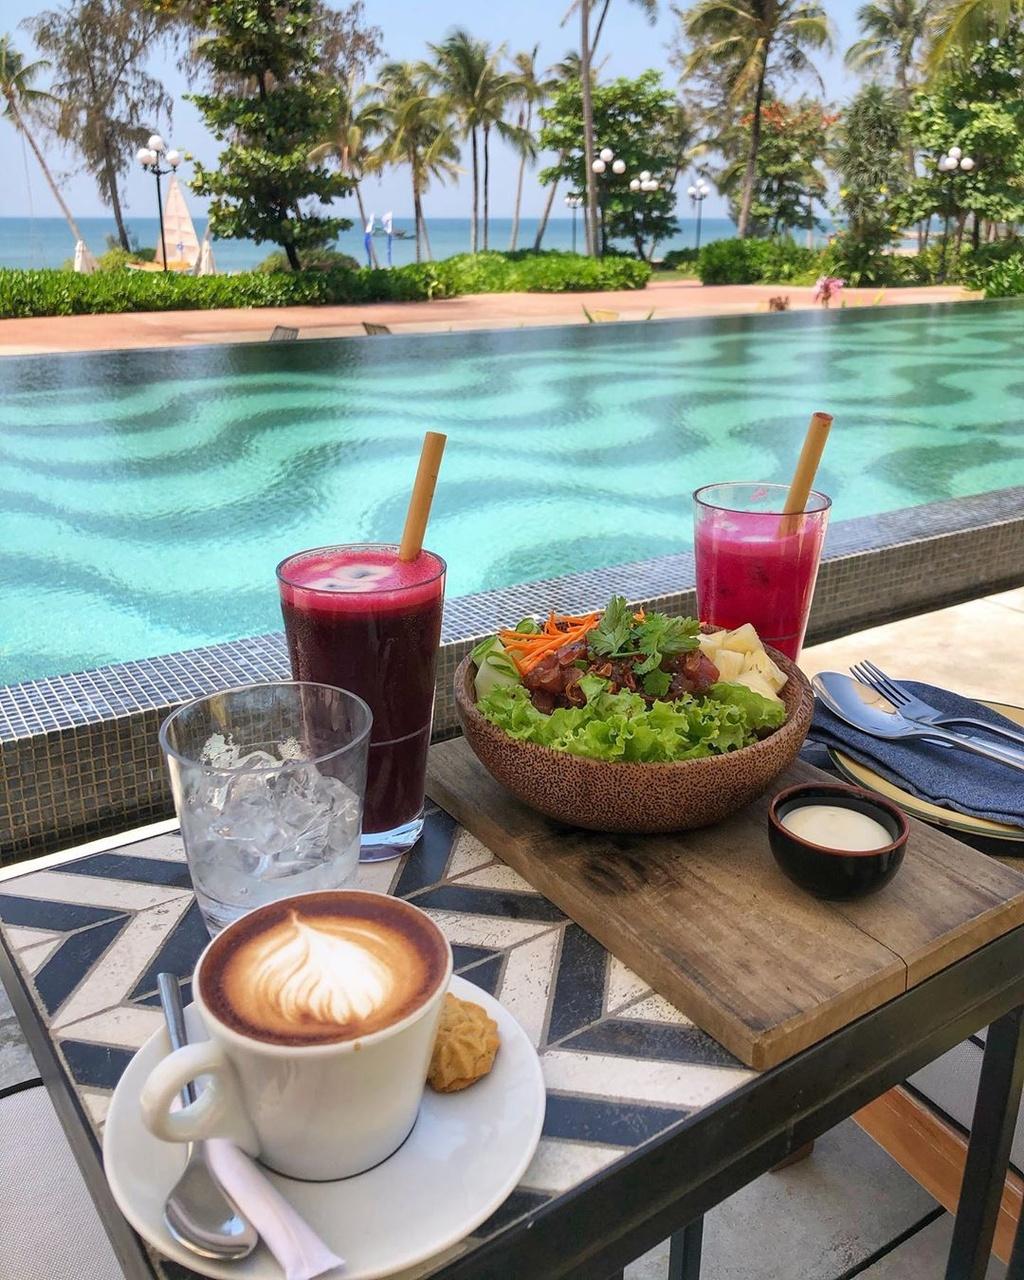 4 nha hang view dep khong the bo qua o Phu Quoc hinh anh 3 chilli_sugar_.jpg  - chilli_sugar_ - 4 nhà hàng view đẹp không thể bỏ qua ở Phú Quốc